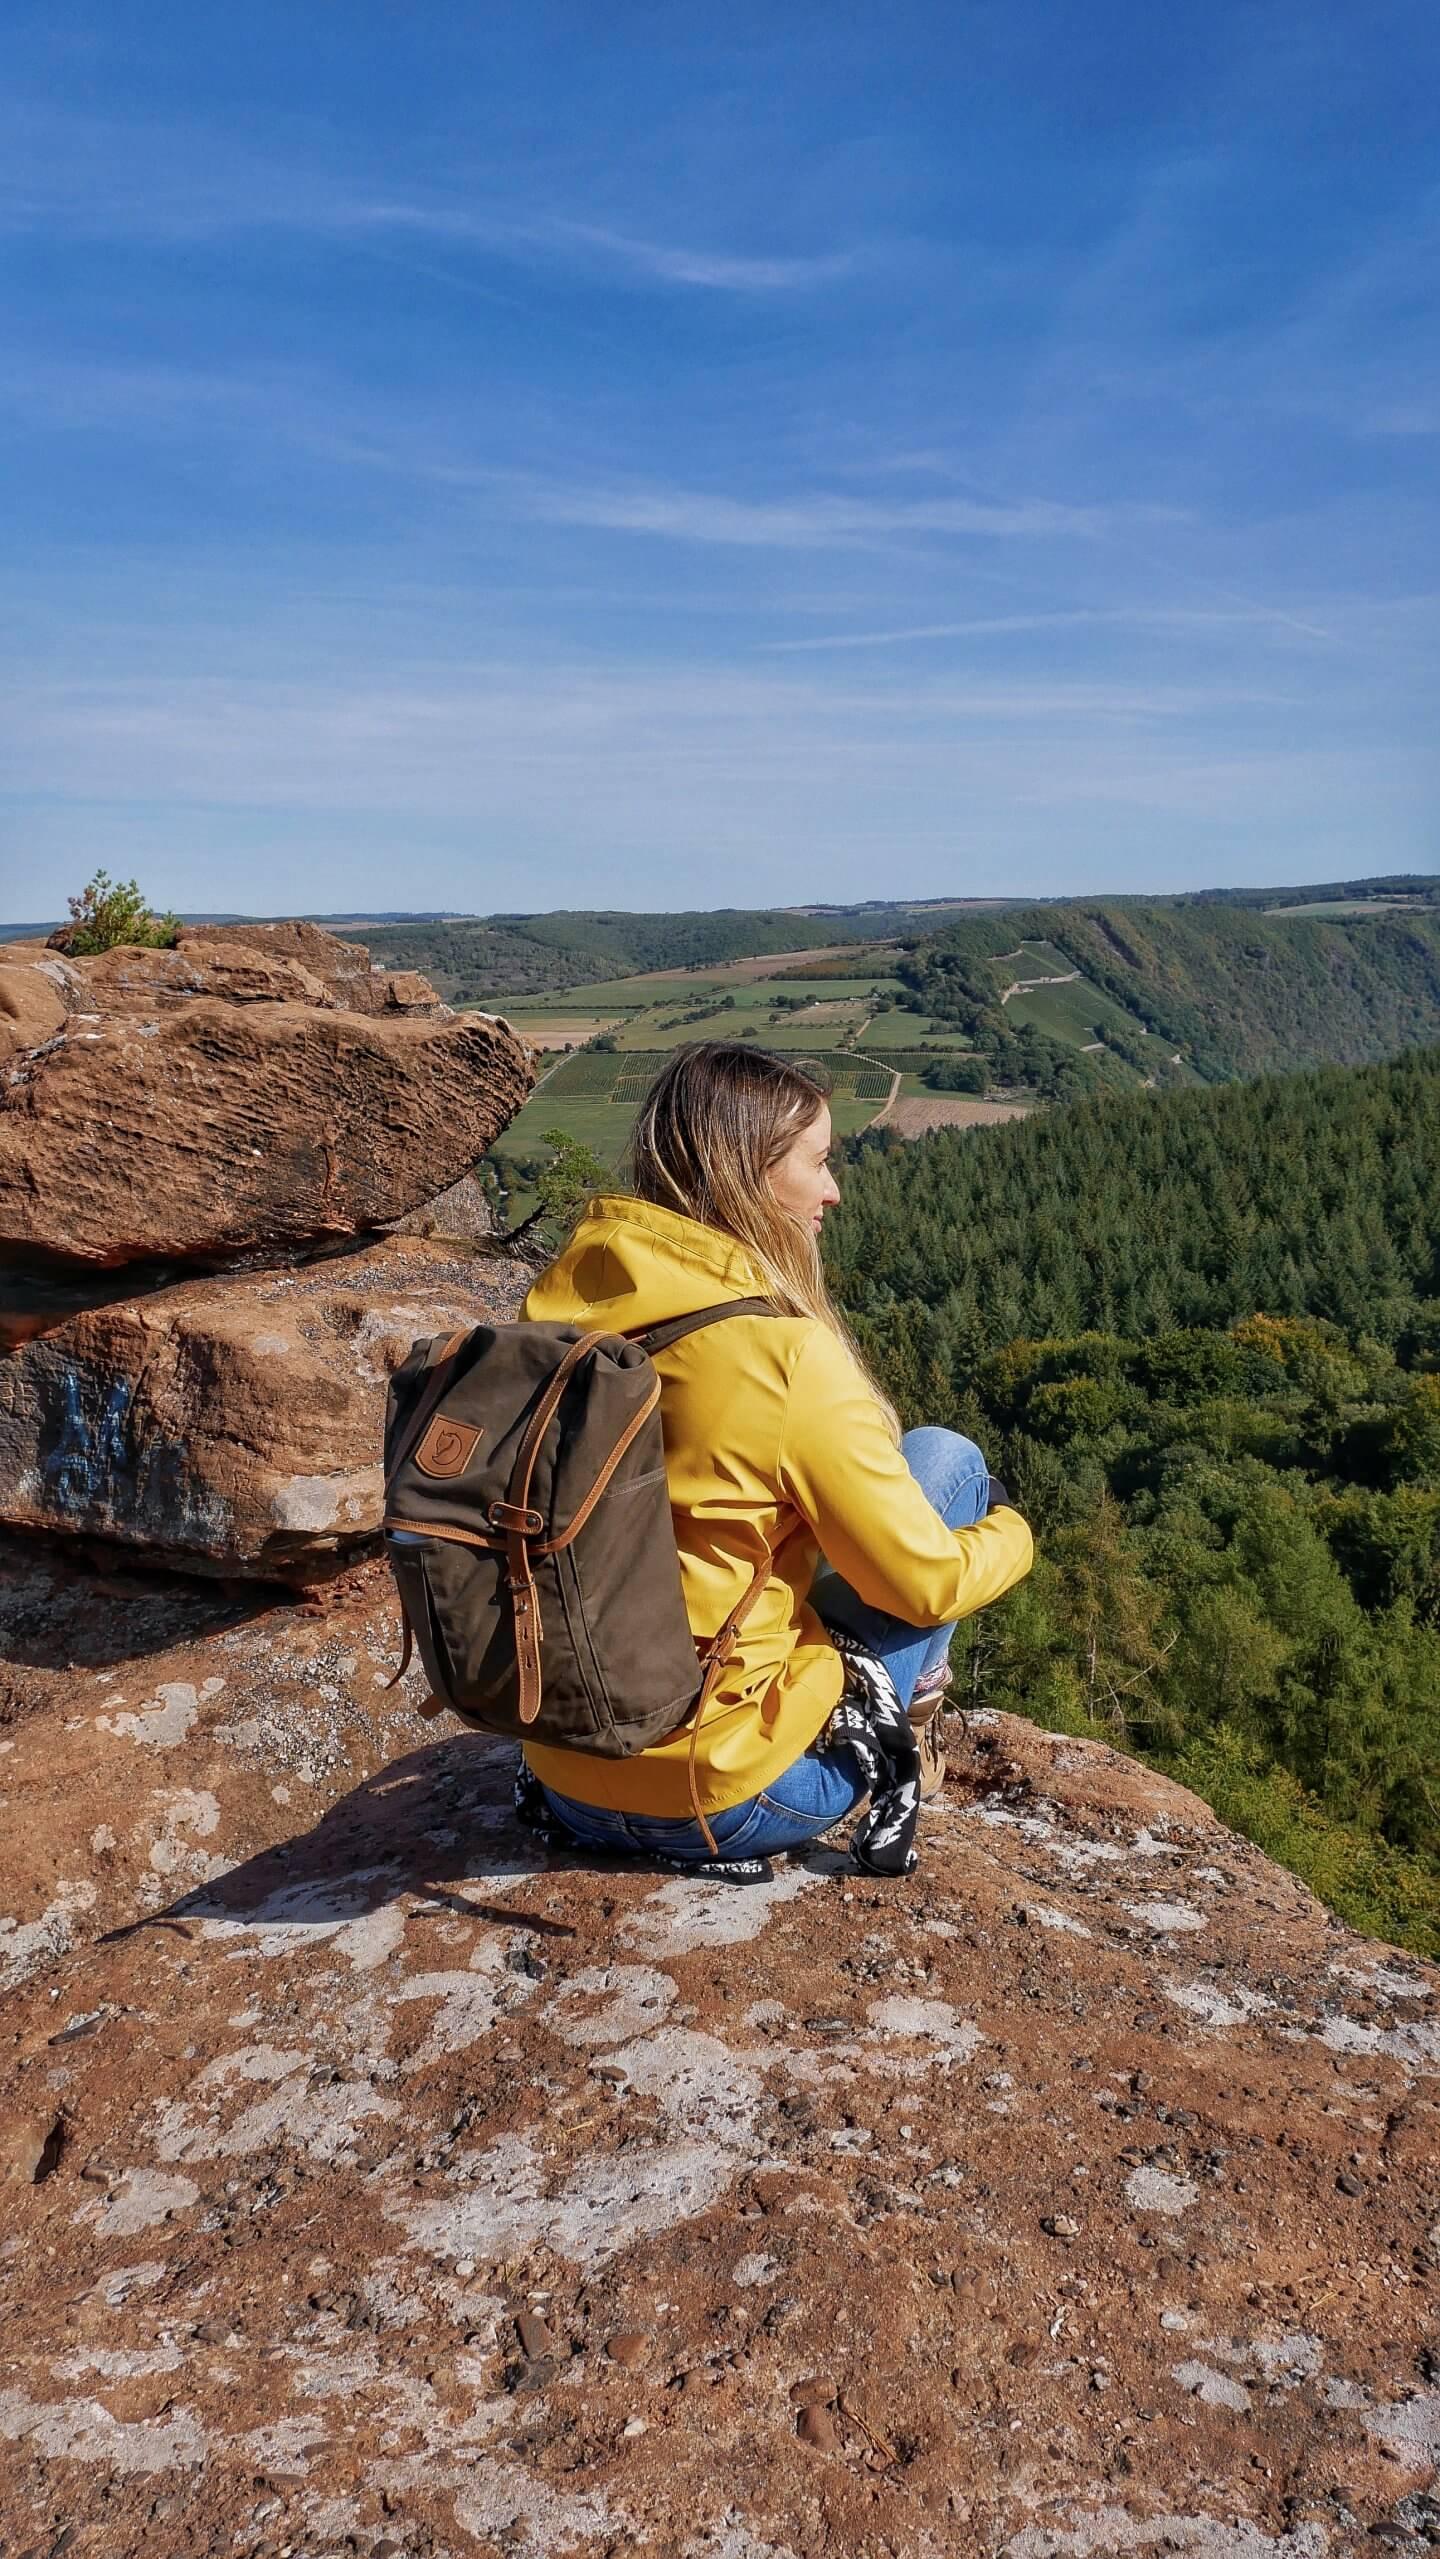 Autumnvibes an der Mosel: Die 3 schönsten Wanderungen im Herbst